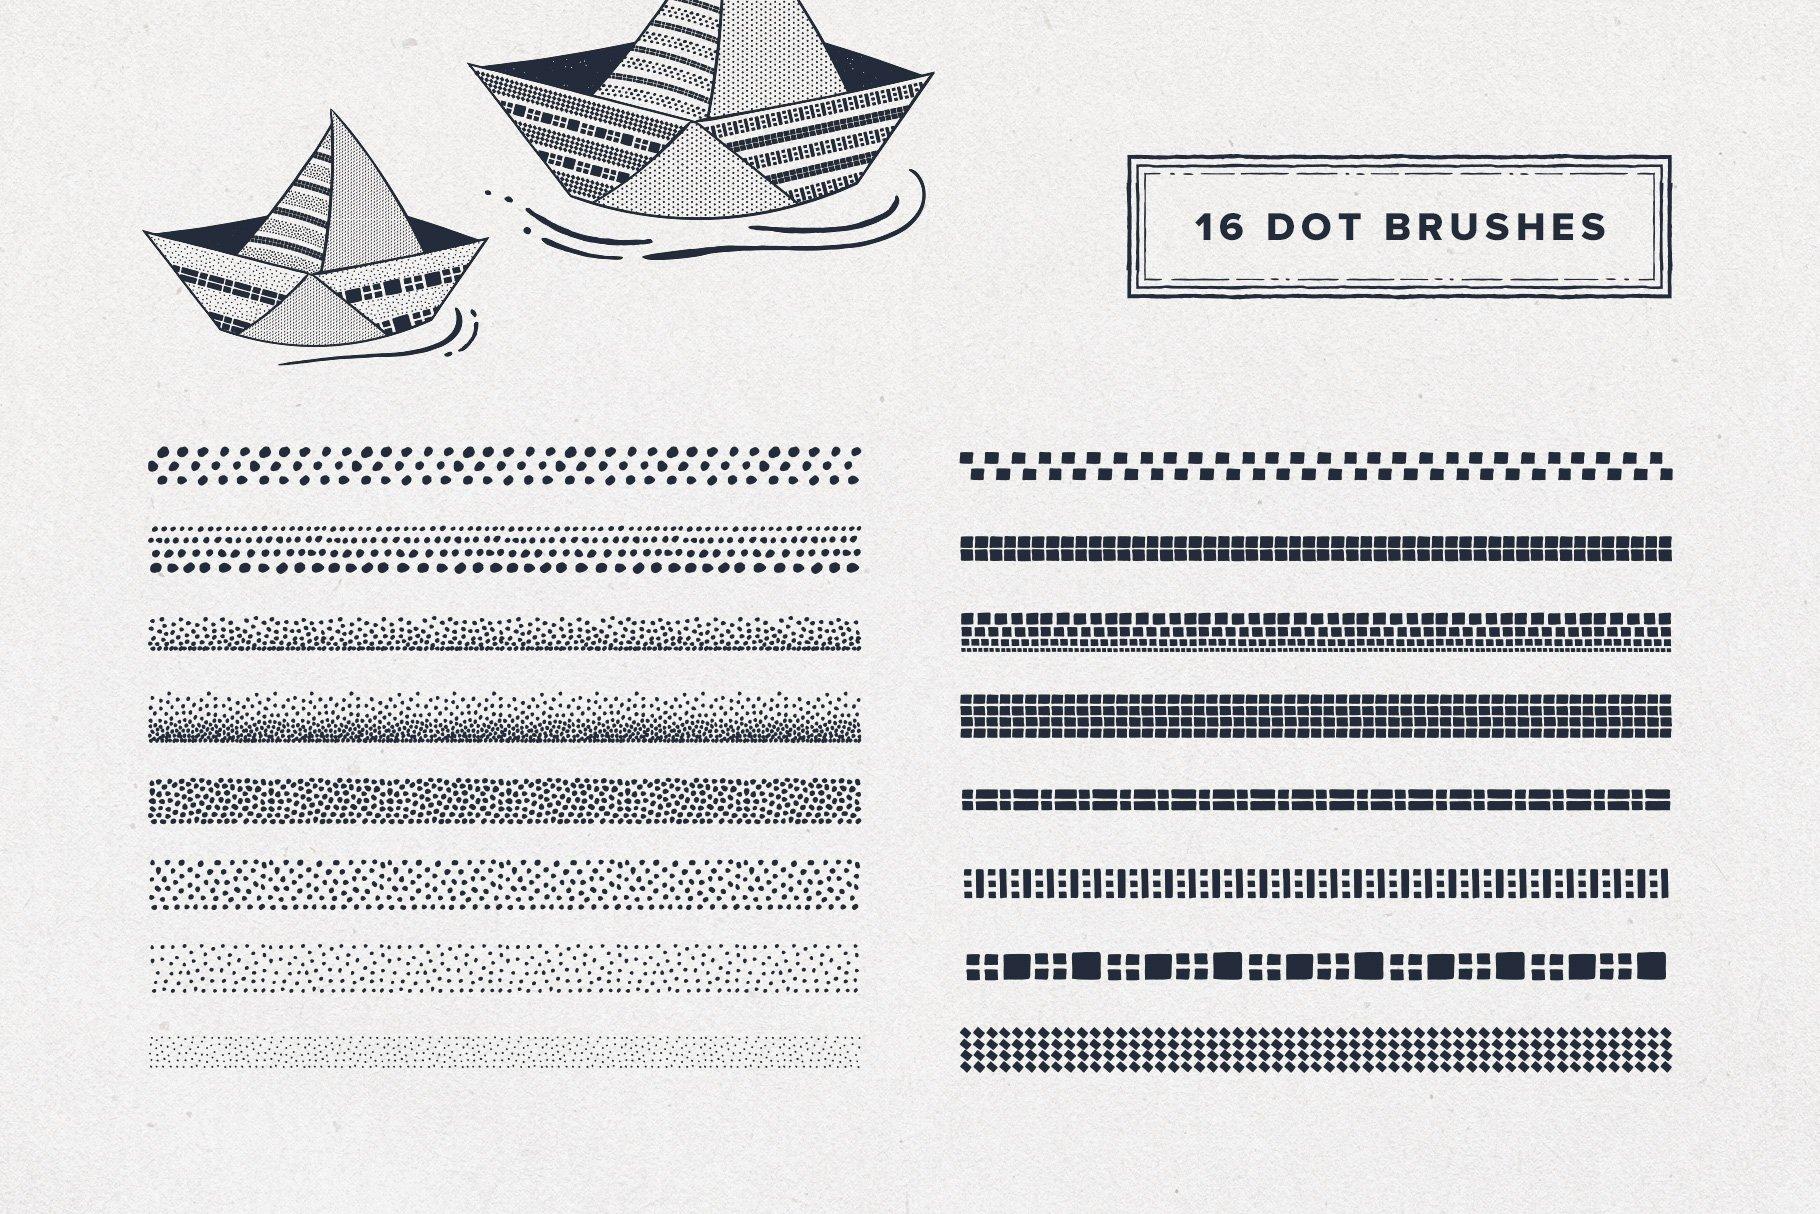 5 dot brushes 5